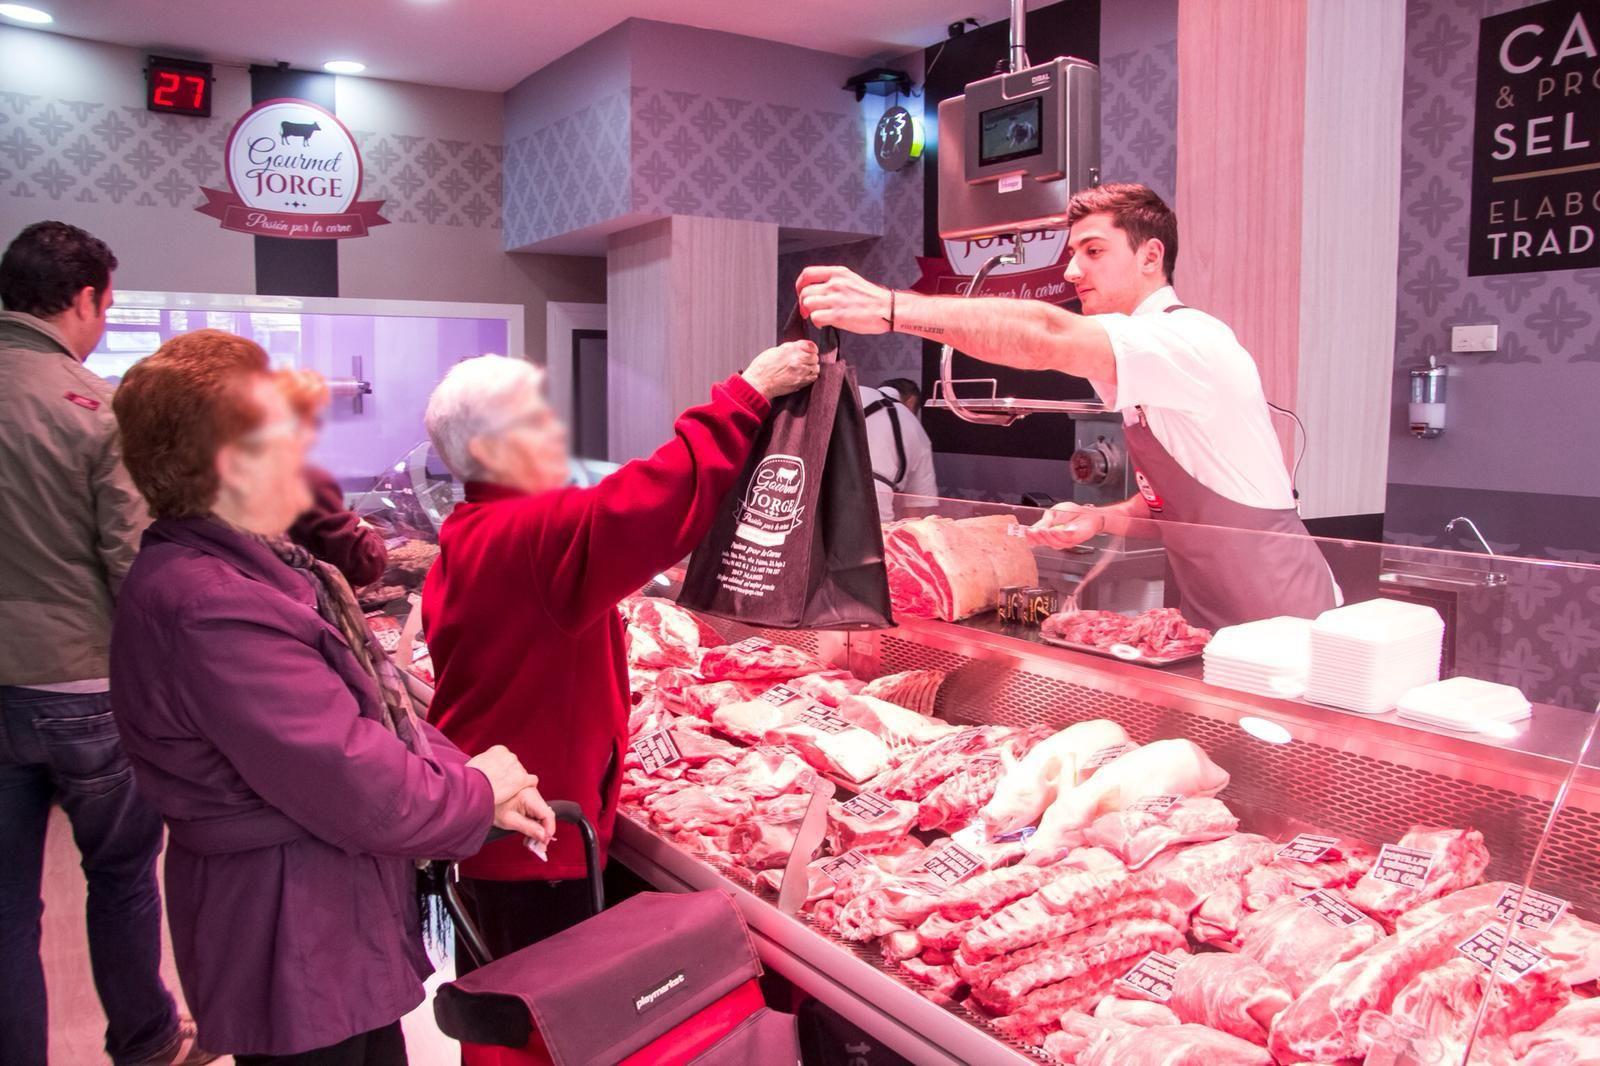 Foto 5 de Carnicerías en    Gourmet Jorge